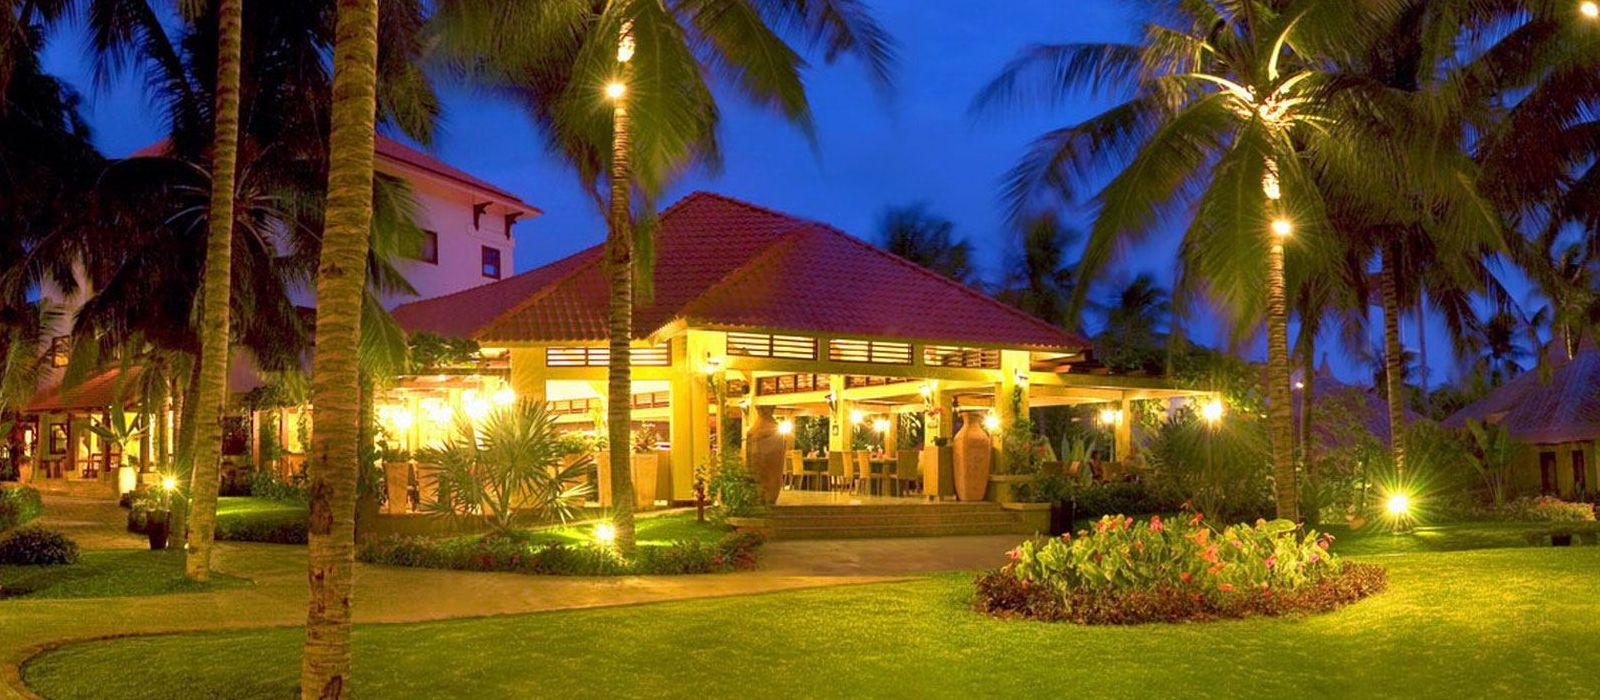 Hotel Terracotta Resort and Spa (Mui Ne) Vietnam